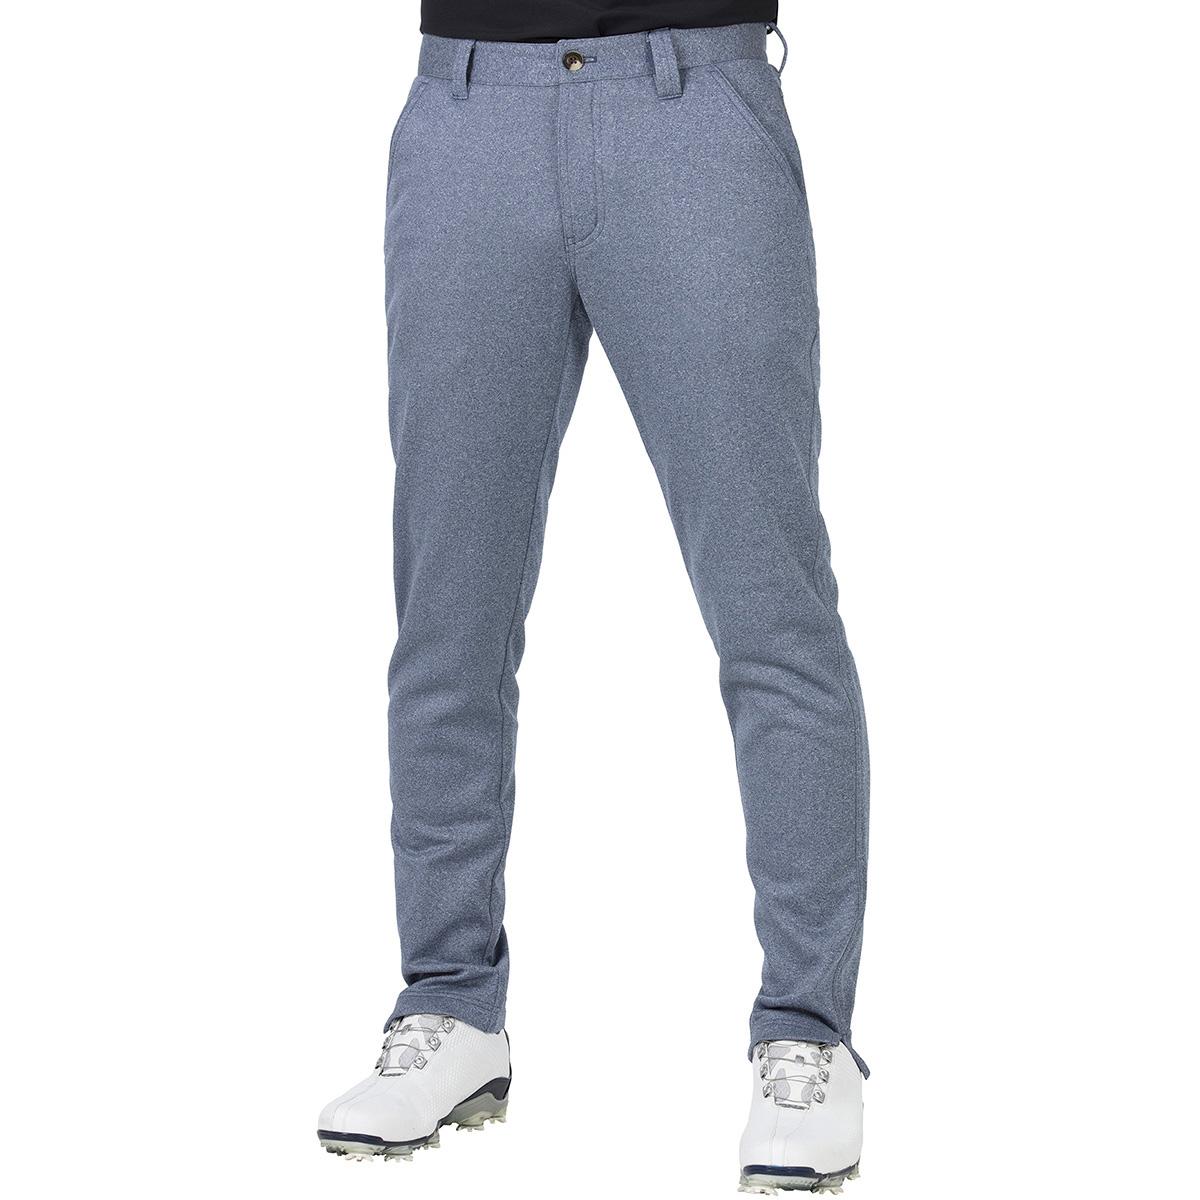 裏起毛6ポケット型ジャージパンツ 股下76cm